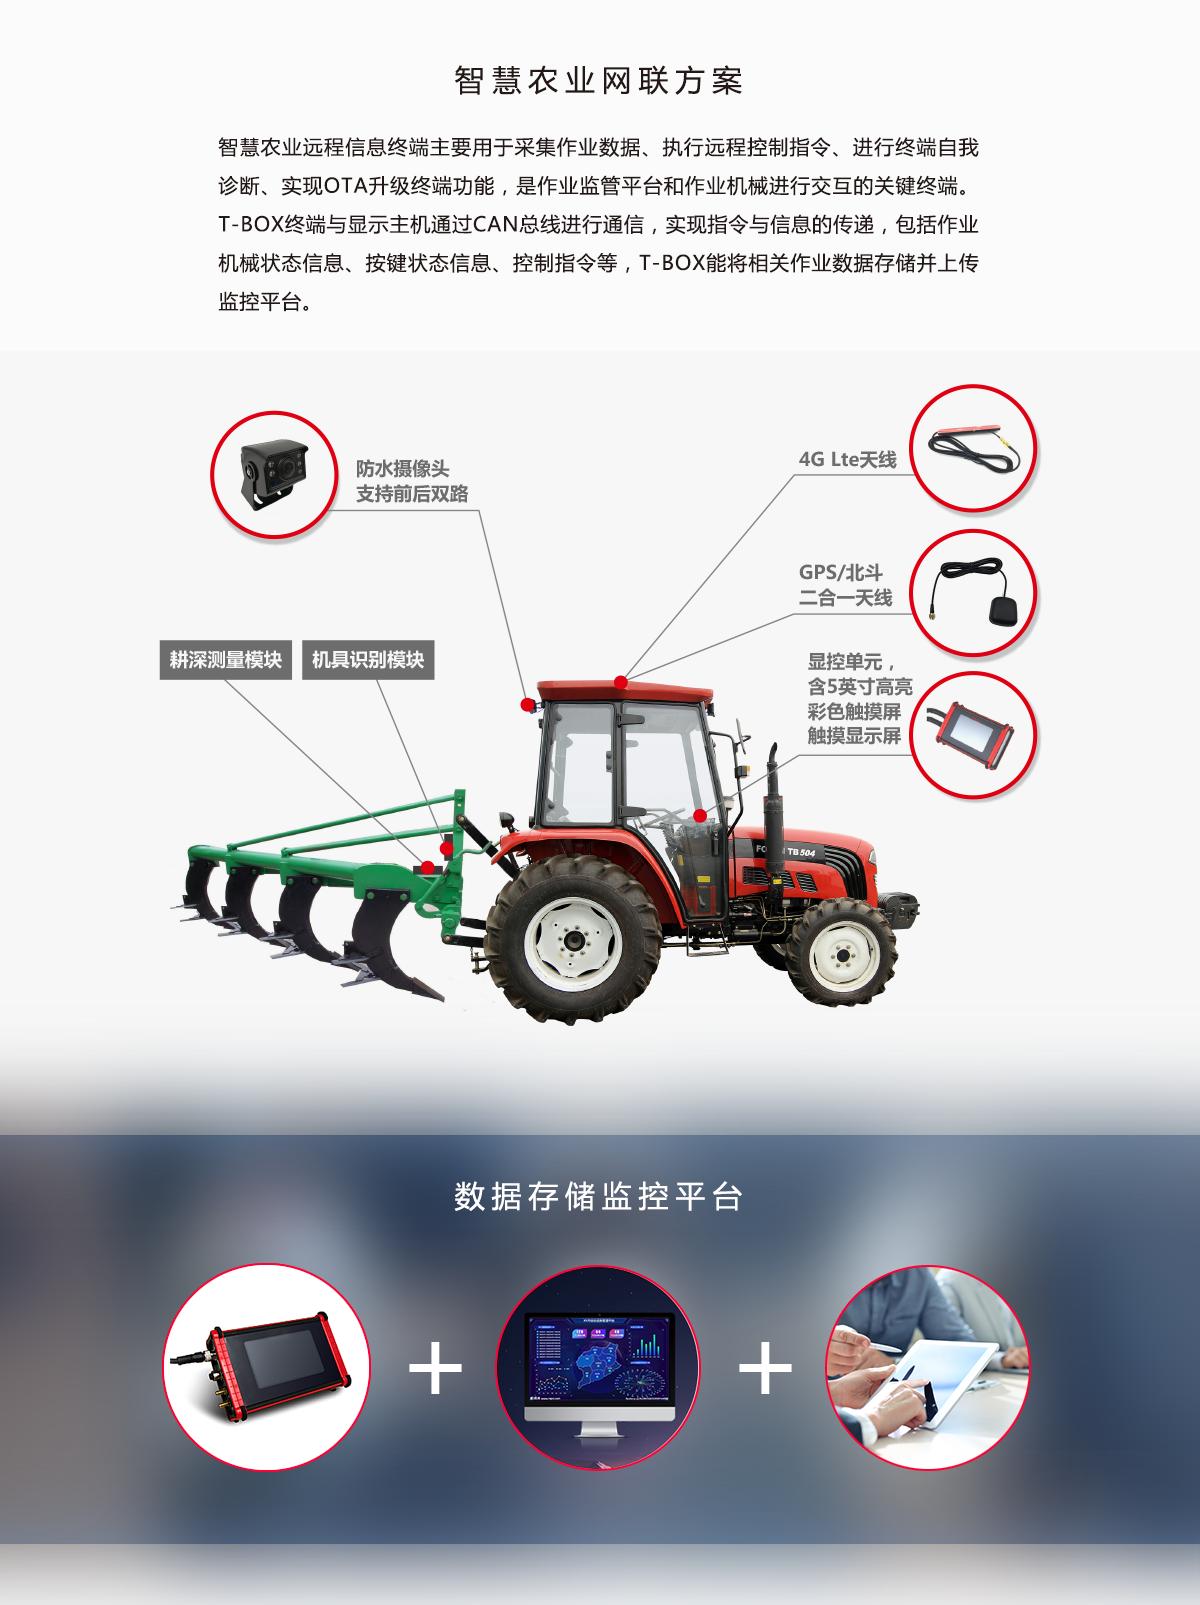 智慧农业网联终端方案.png